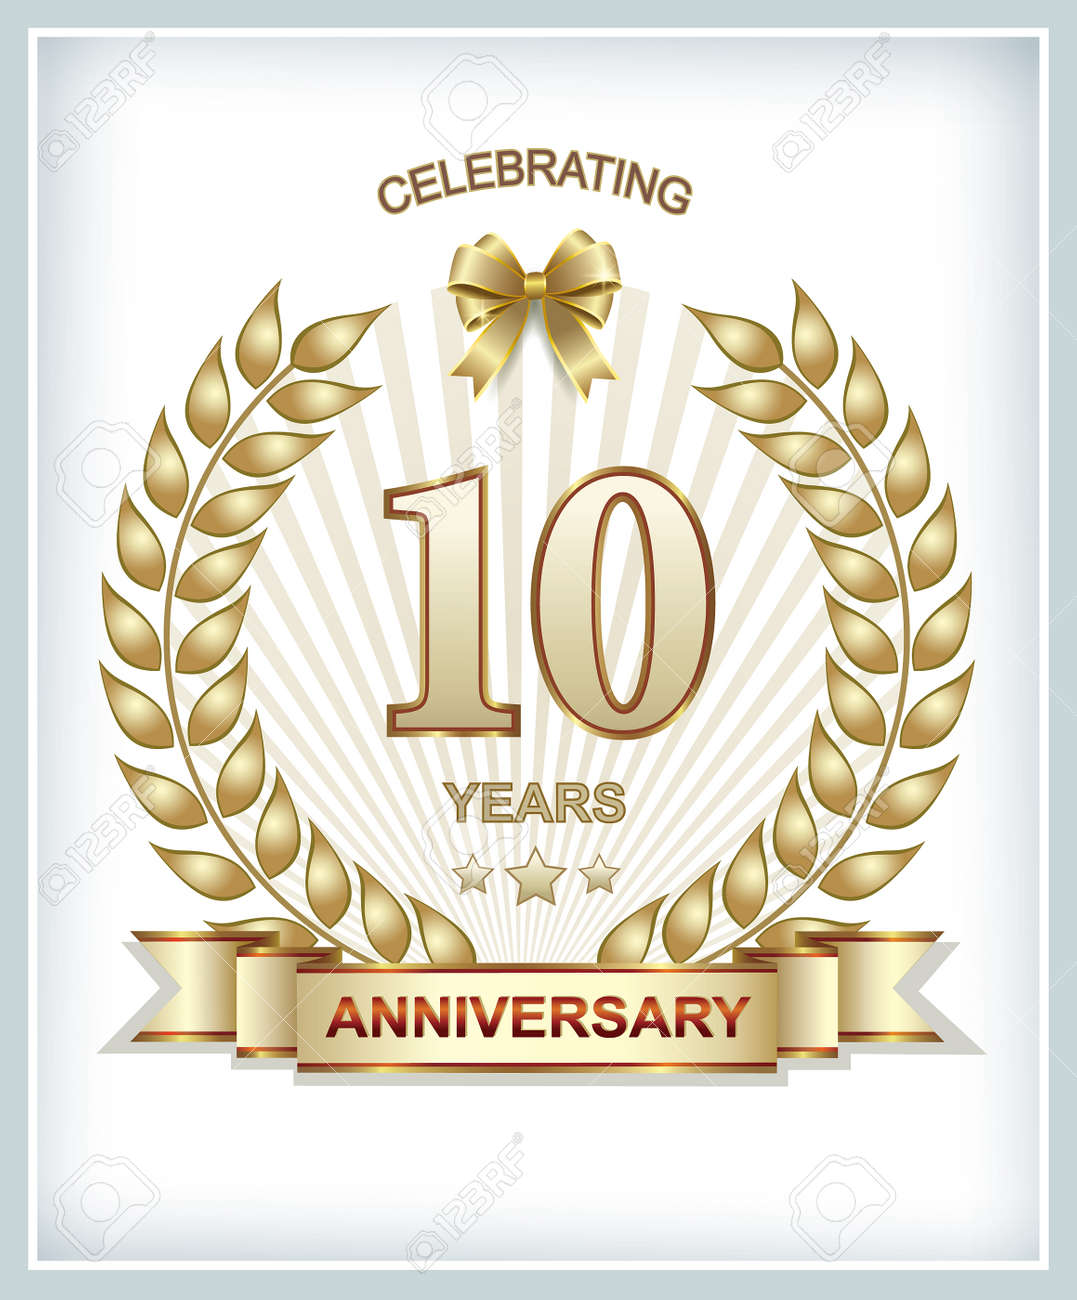 10 Jahriges Jubilaum In Gold Lorbeerkranz Lizenzfrei Nutzbare